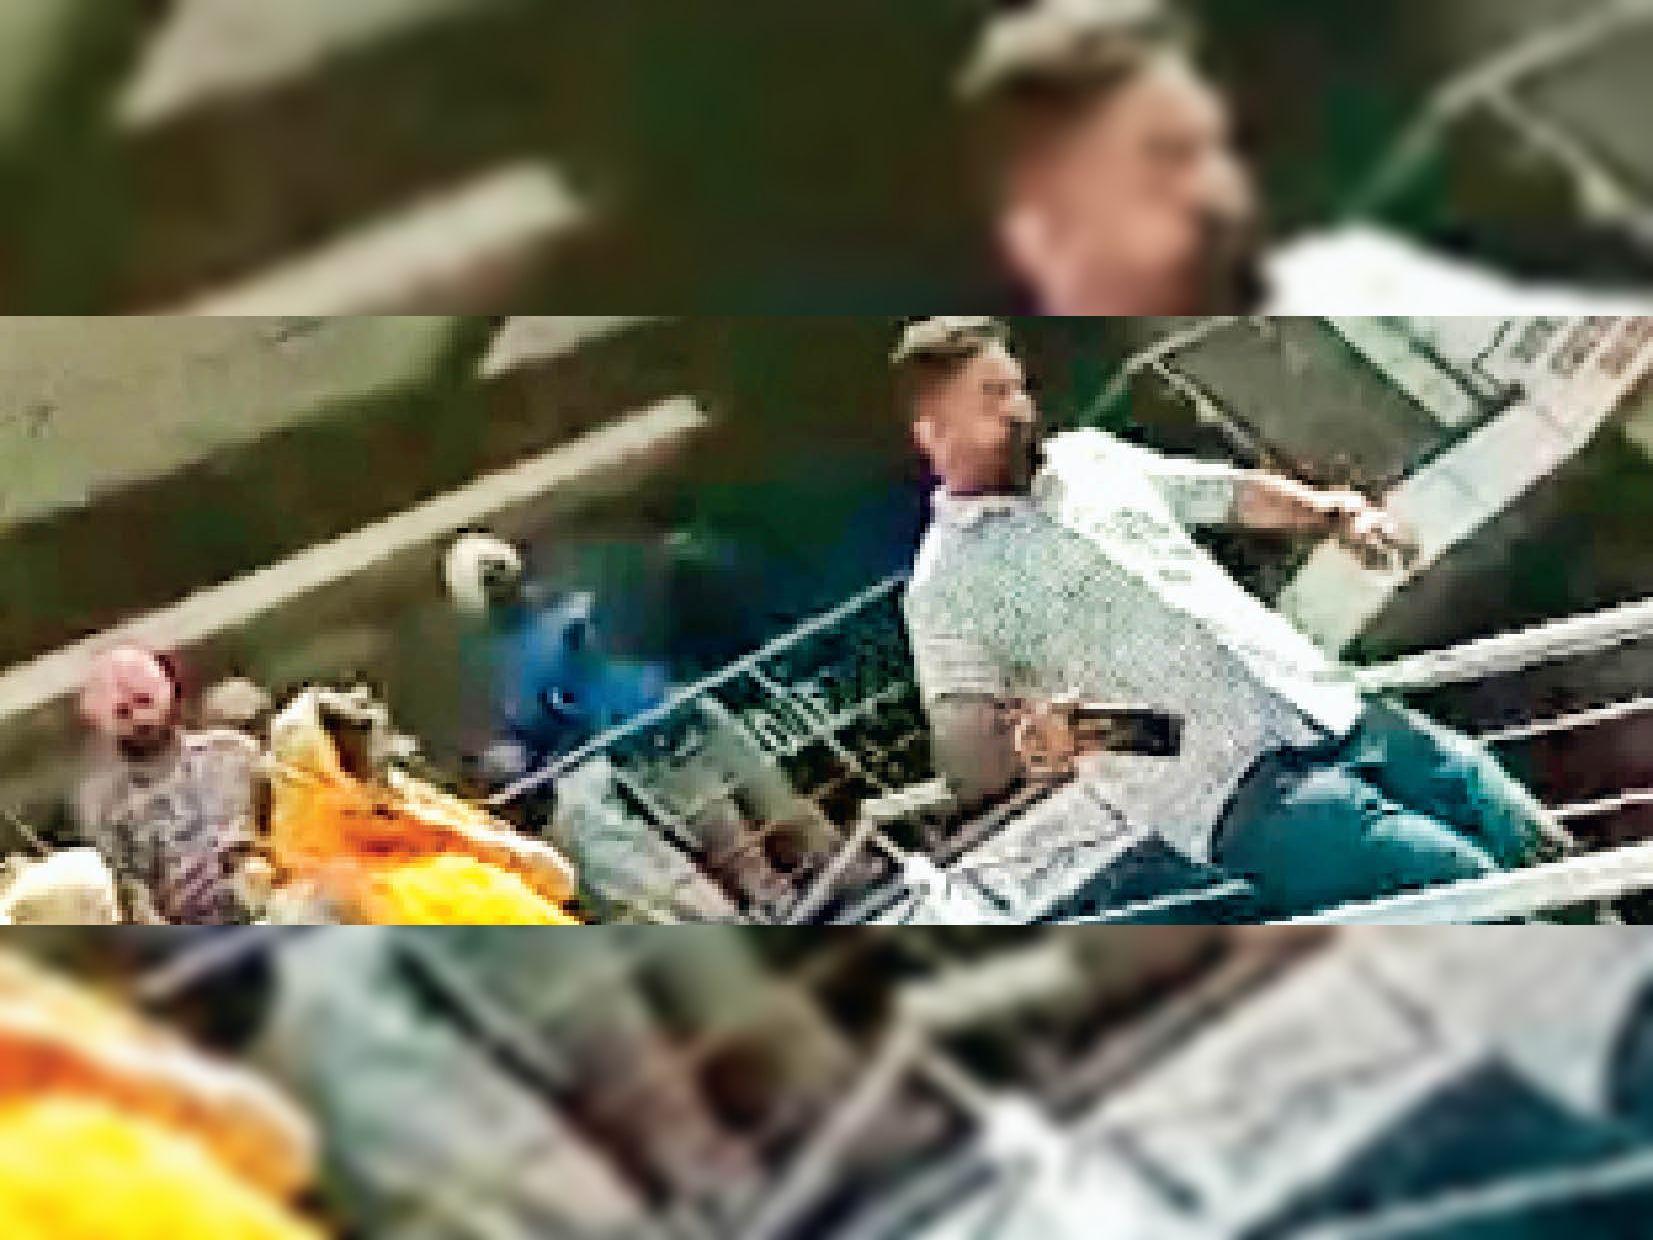 मोगा के एक होटल से पकड़े लड़के-लड़कियों को थाने ले जाती पुलिस। - Dainik Bhaskar